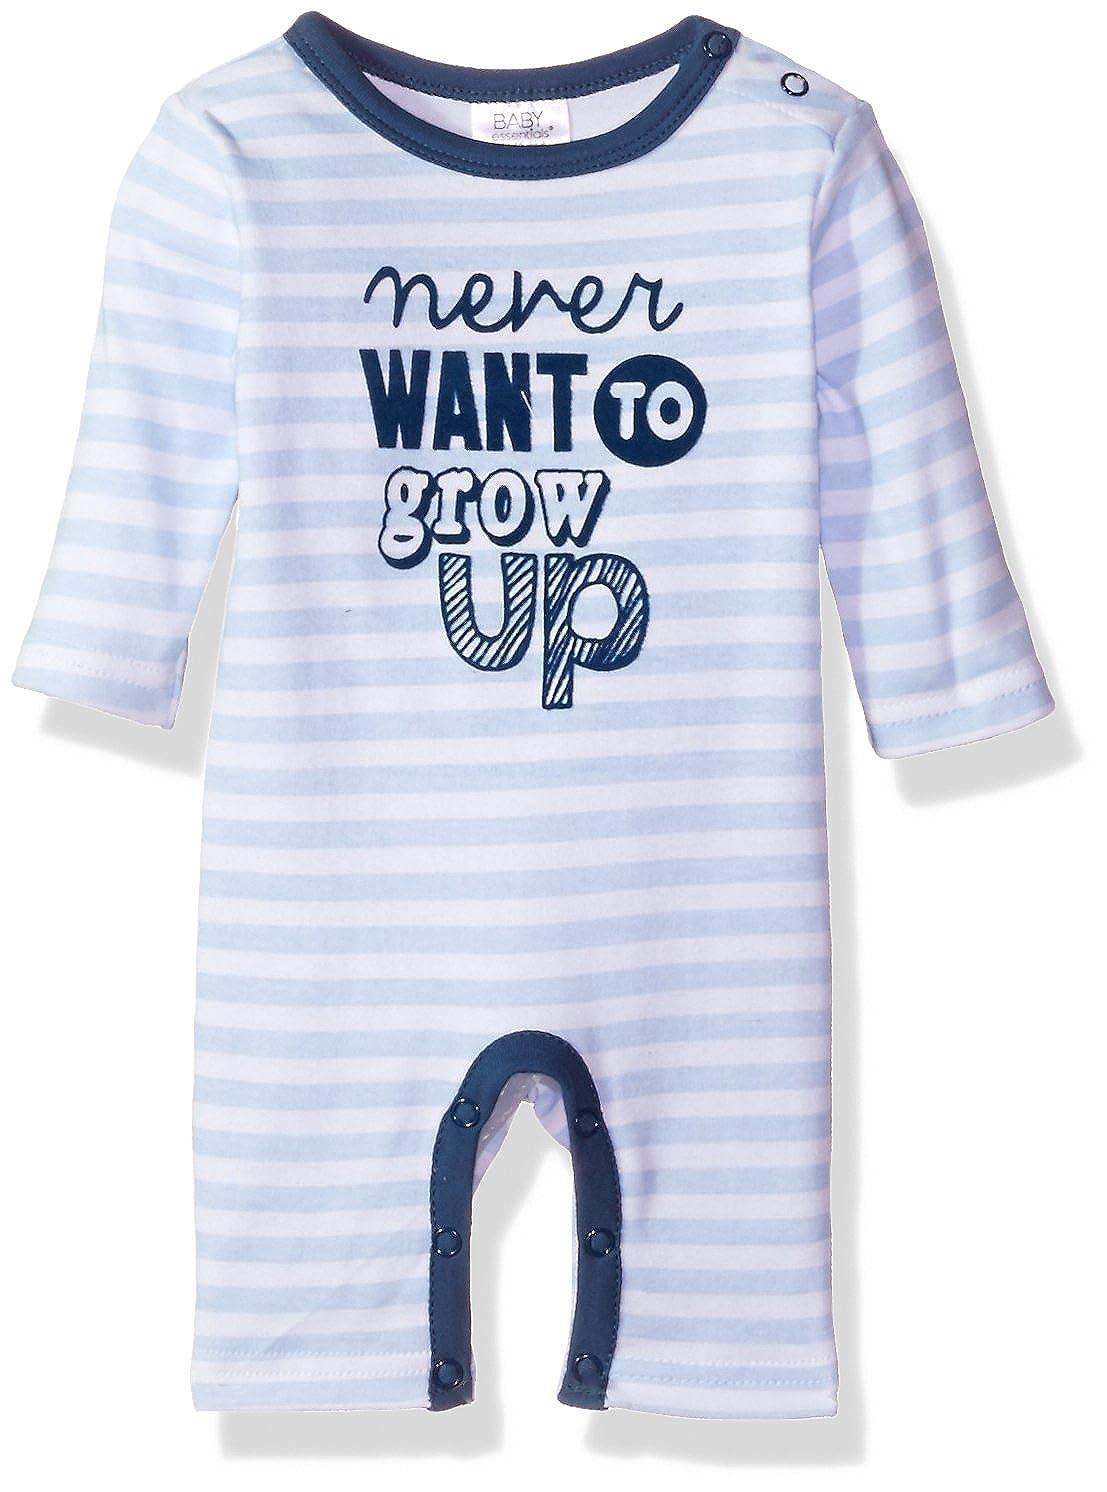 日本製 Baby Essentials PANTS ベビーボーイズ B072XVRYKT ブルー ブルー 幼児 9 Months 男の子 幼児 男の子 ブルー 6 - 9 Months, へらぶな釣り専門店 松岡釣具:4a7ba108 --- svecha37.ru